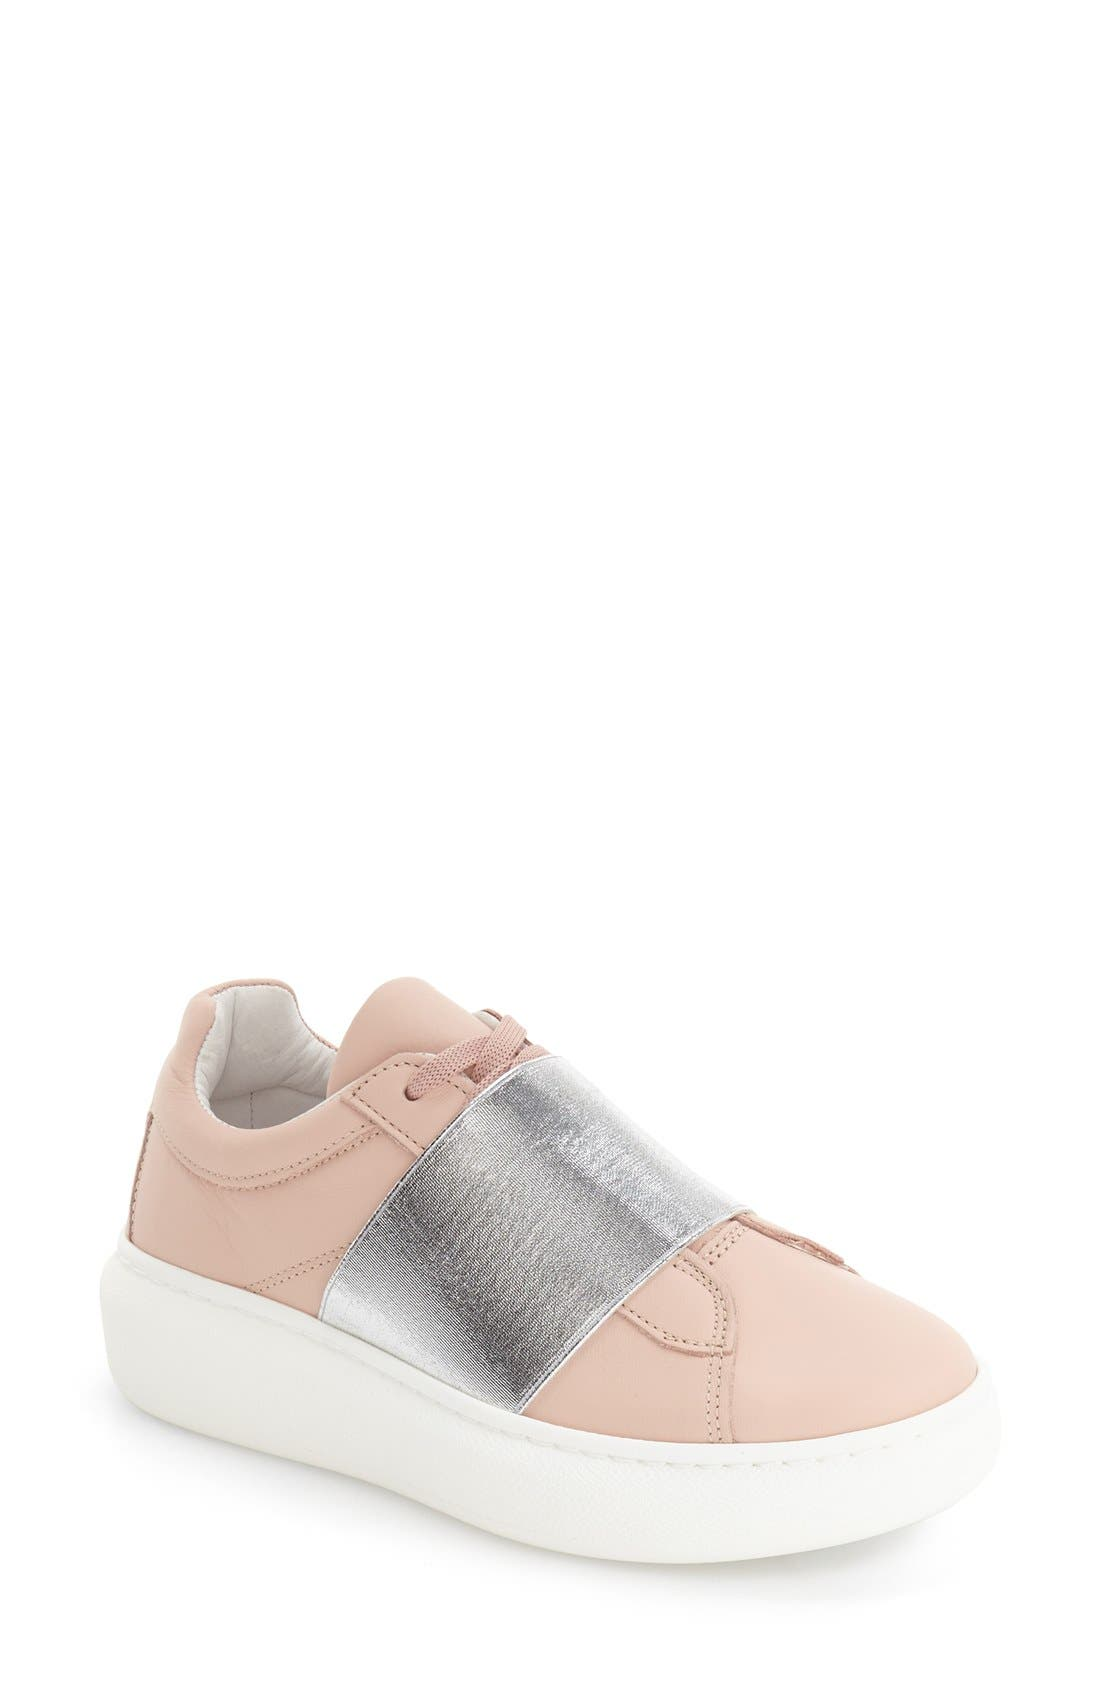 Turin Metallic Strap Platform Sneaker,                             Main thumbnail 1, color,                             Pink Multi